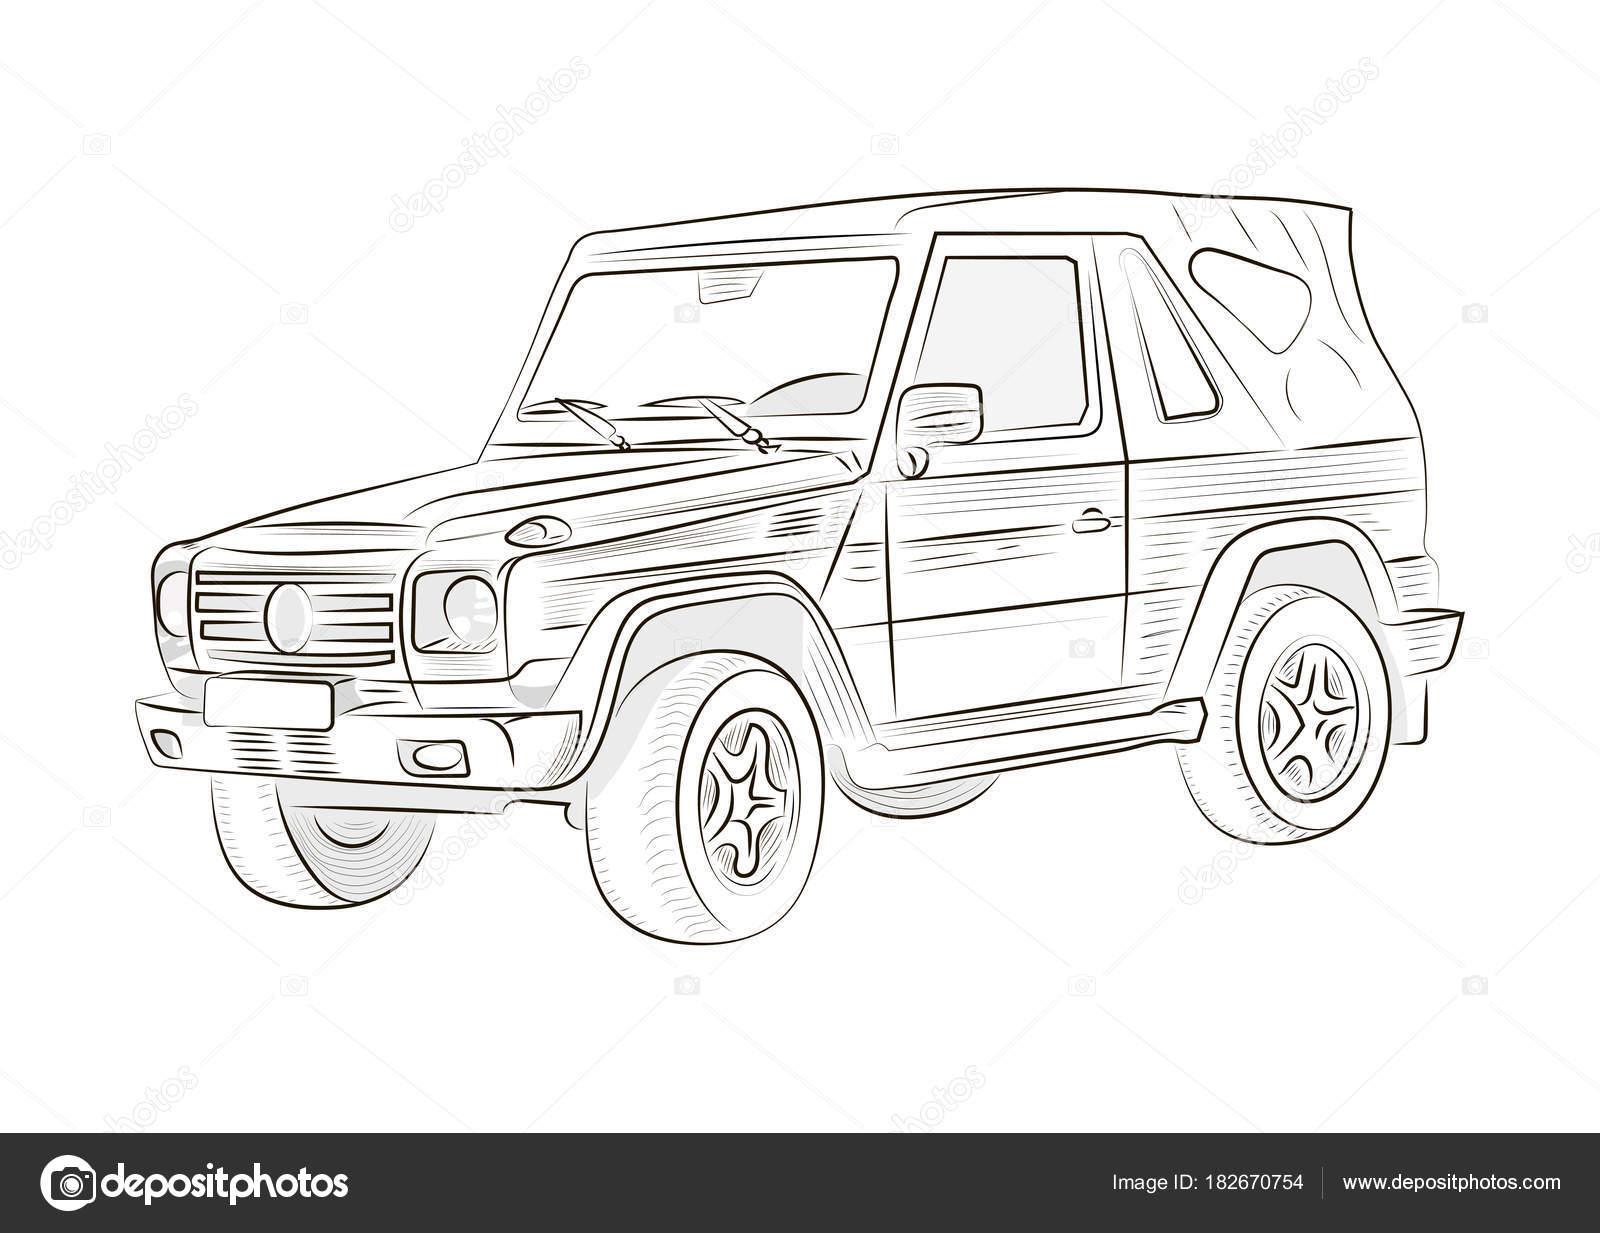 Skizze Eines Autos Auf Einem Weißen Hintergrund Vektor Illustration ...